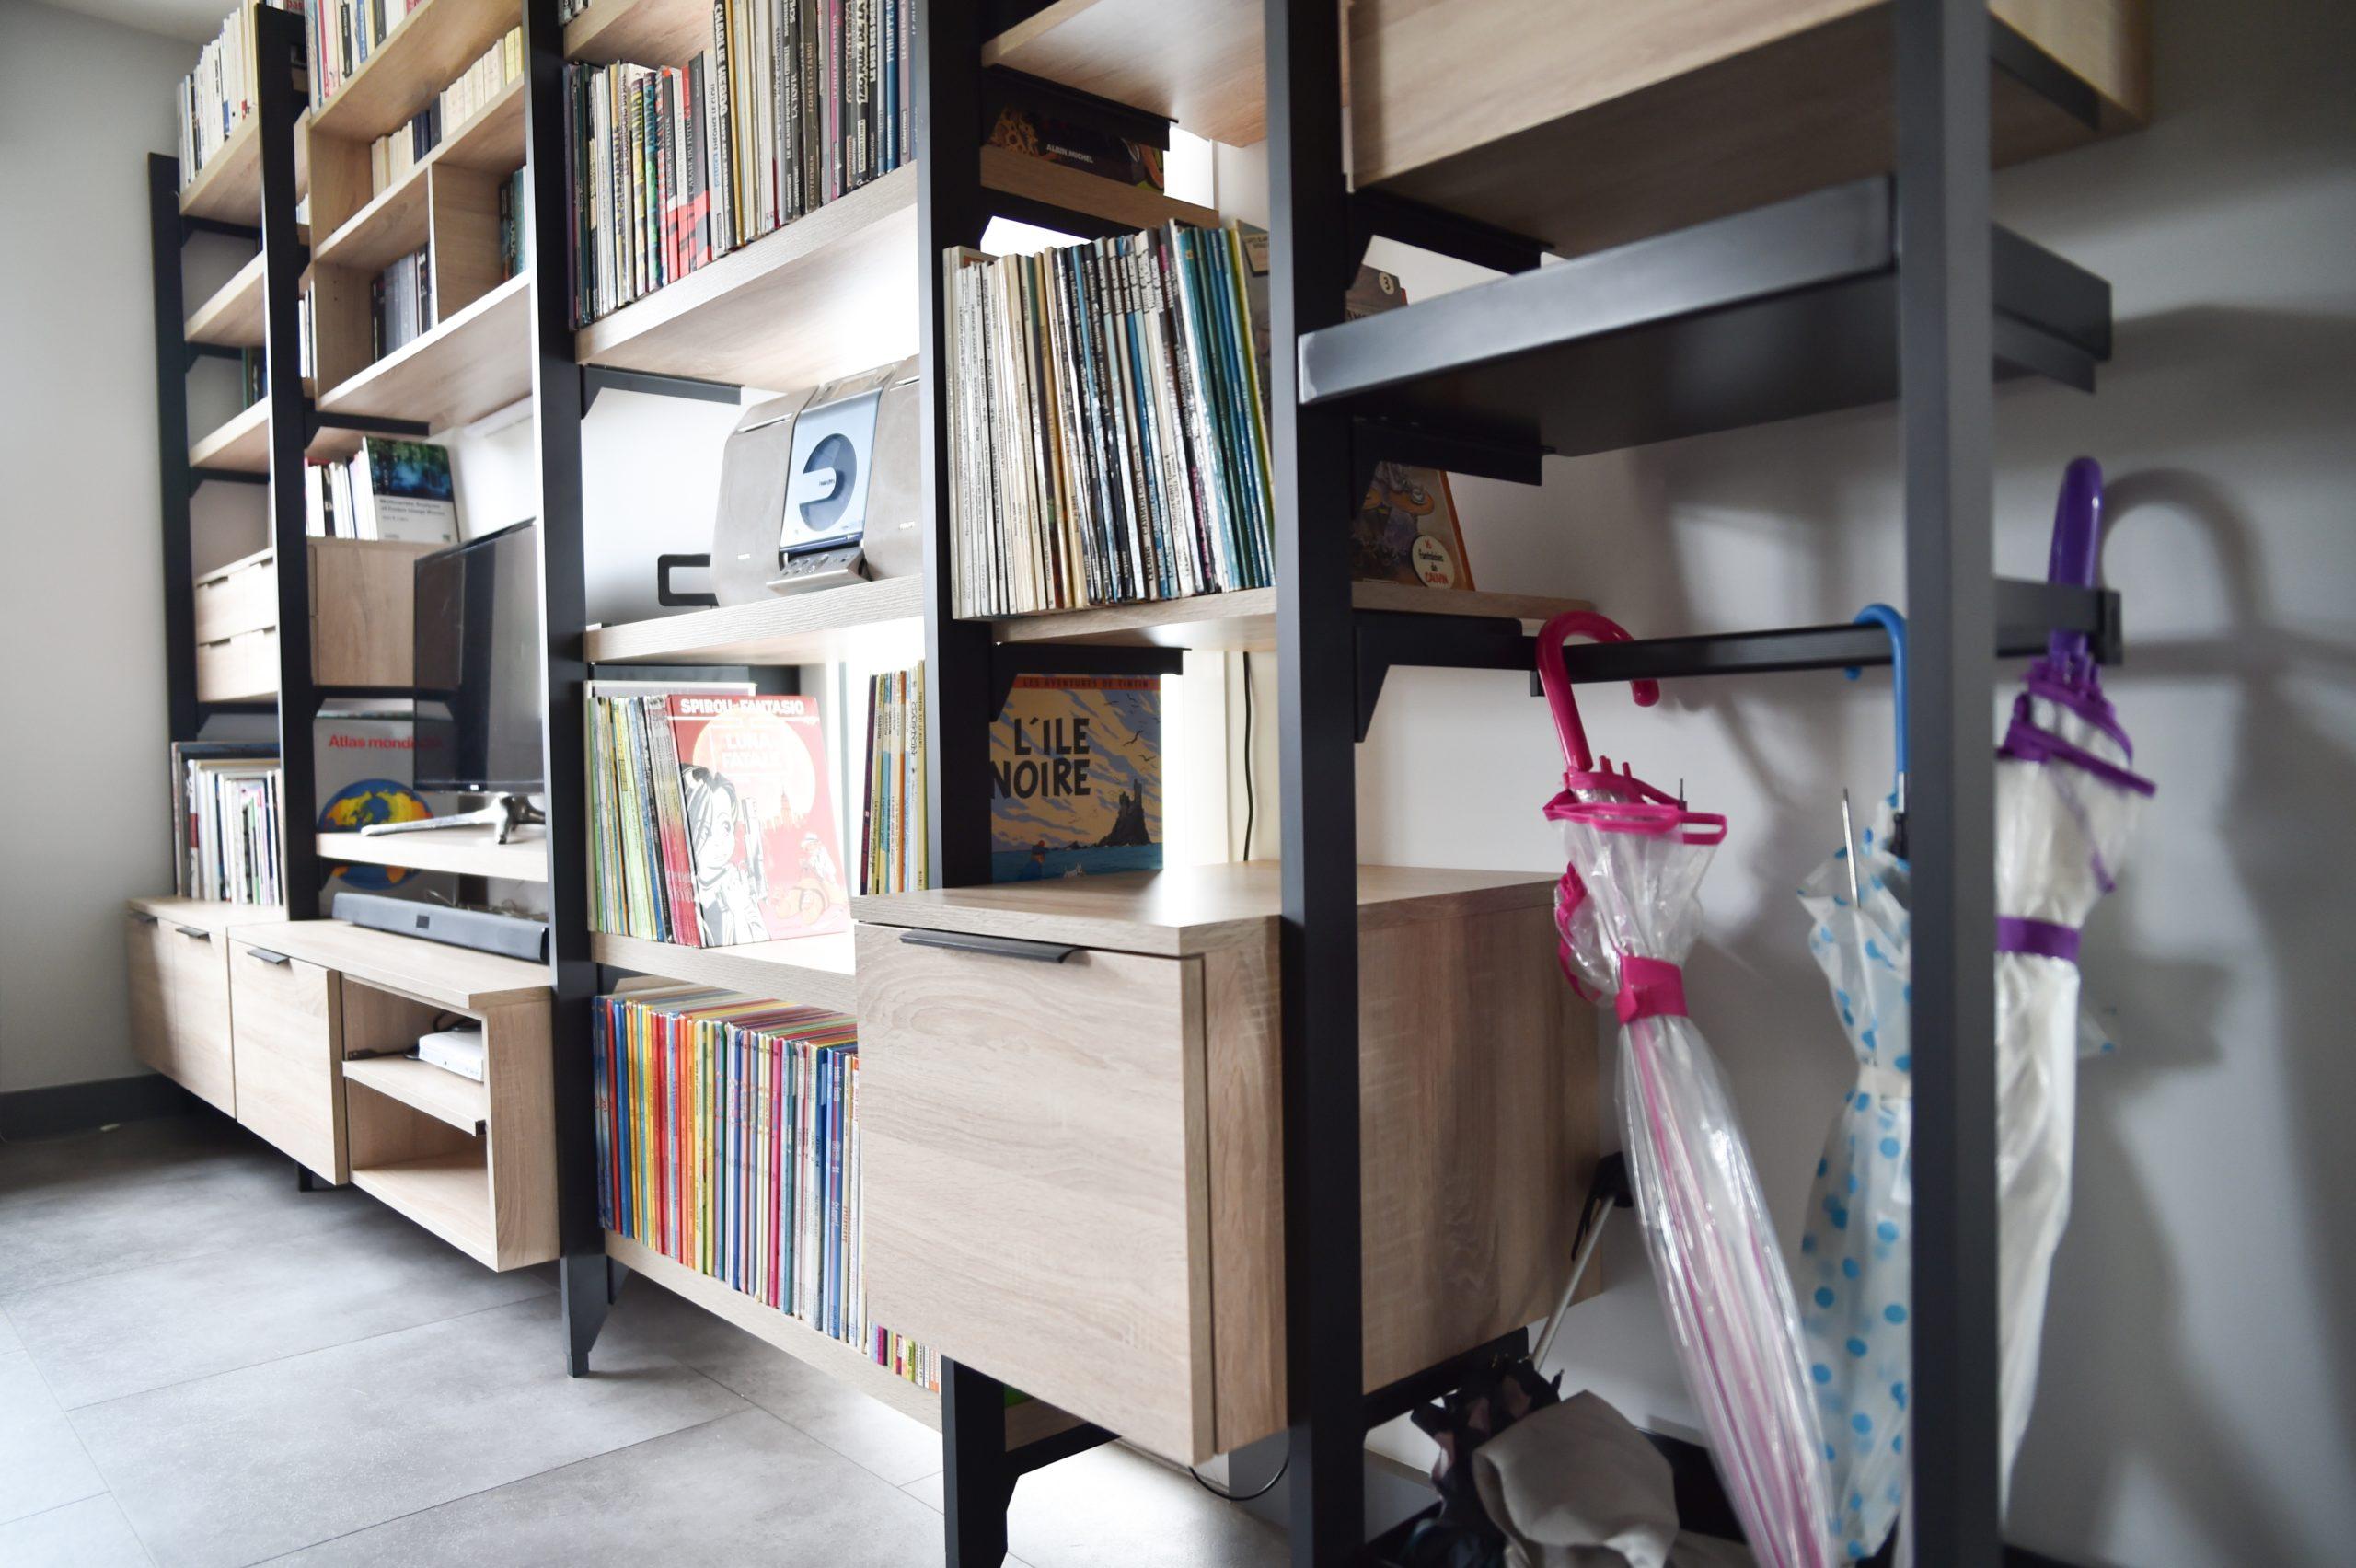 Image-couverture-bibliotheque-lmc-solange-abel-solutions-agencement- sept 2020 - solutions agencement